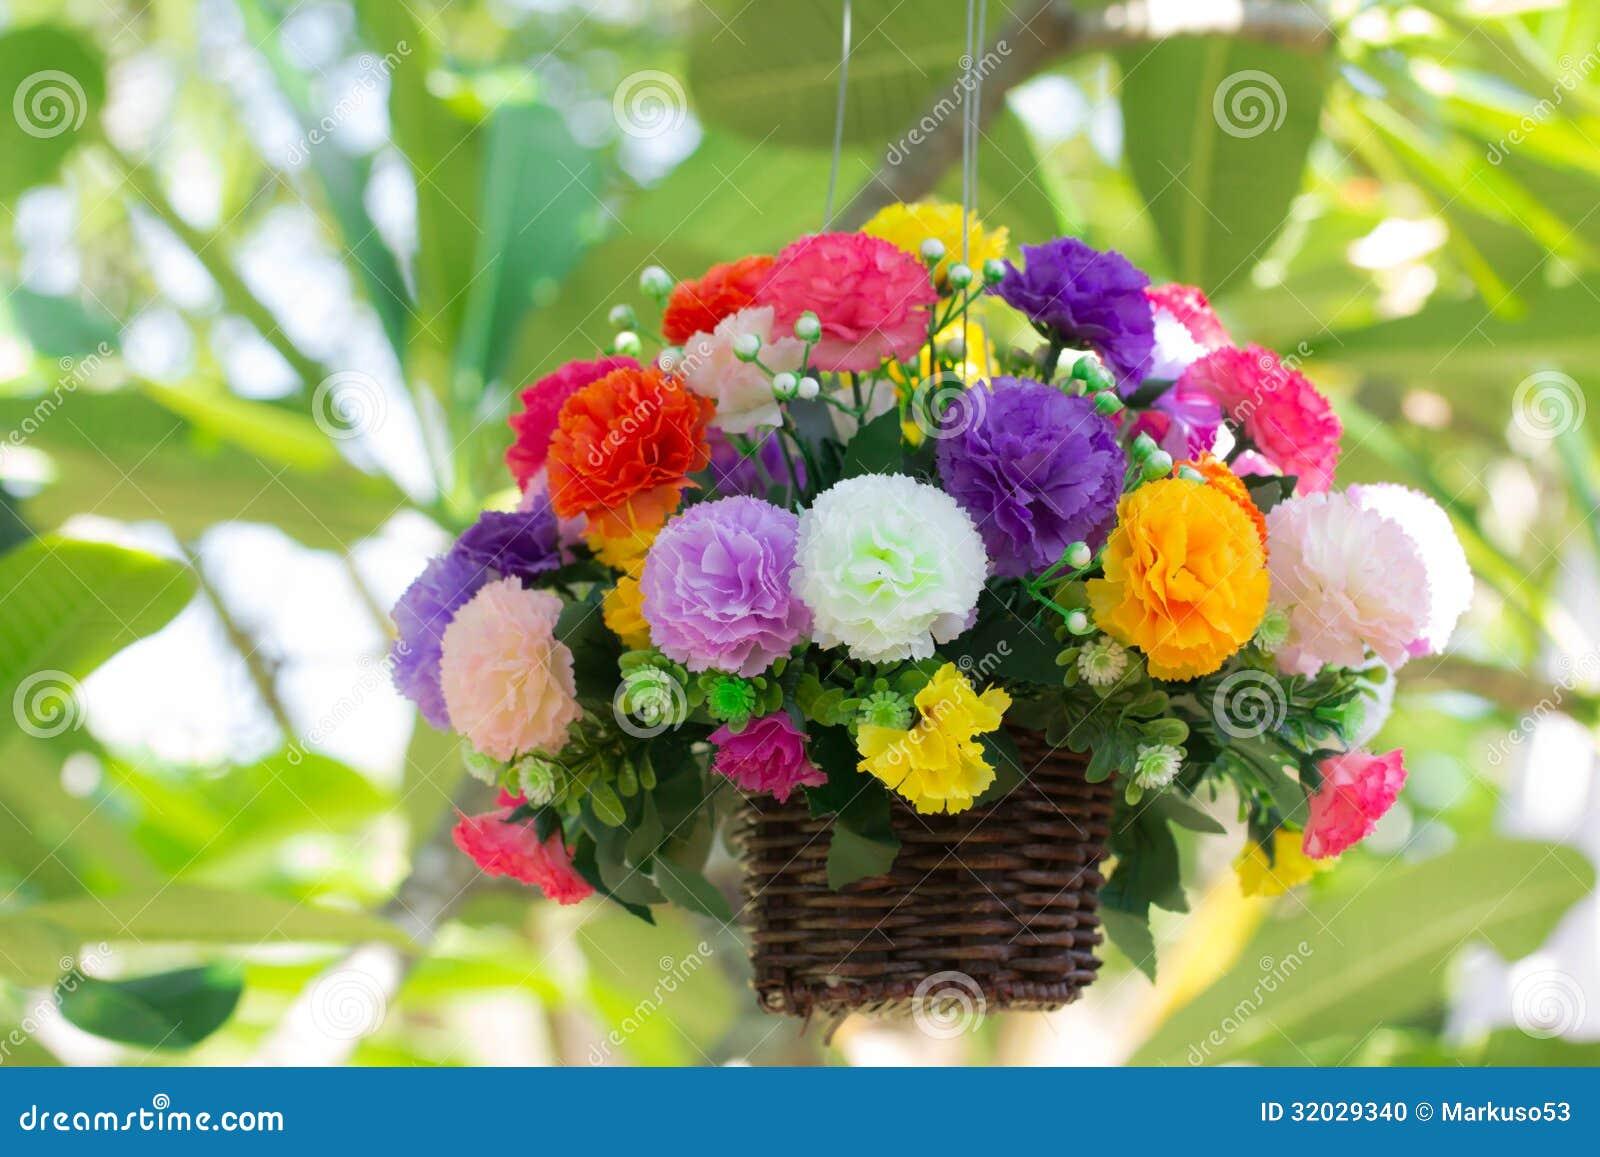 Flores artificiales coloridas foto de archivo imagen for Plantas artificiales